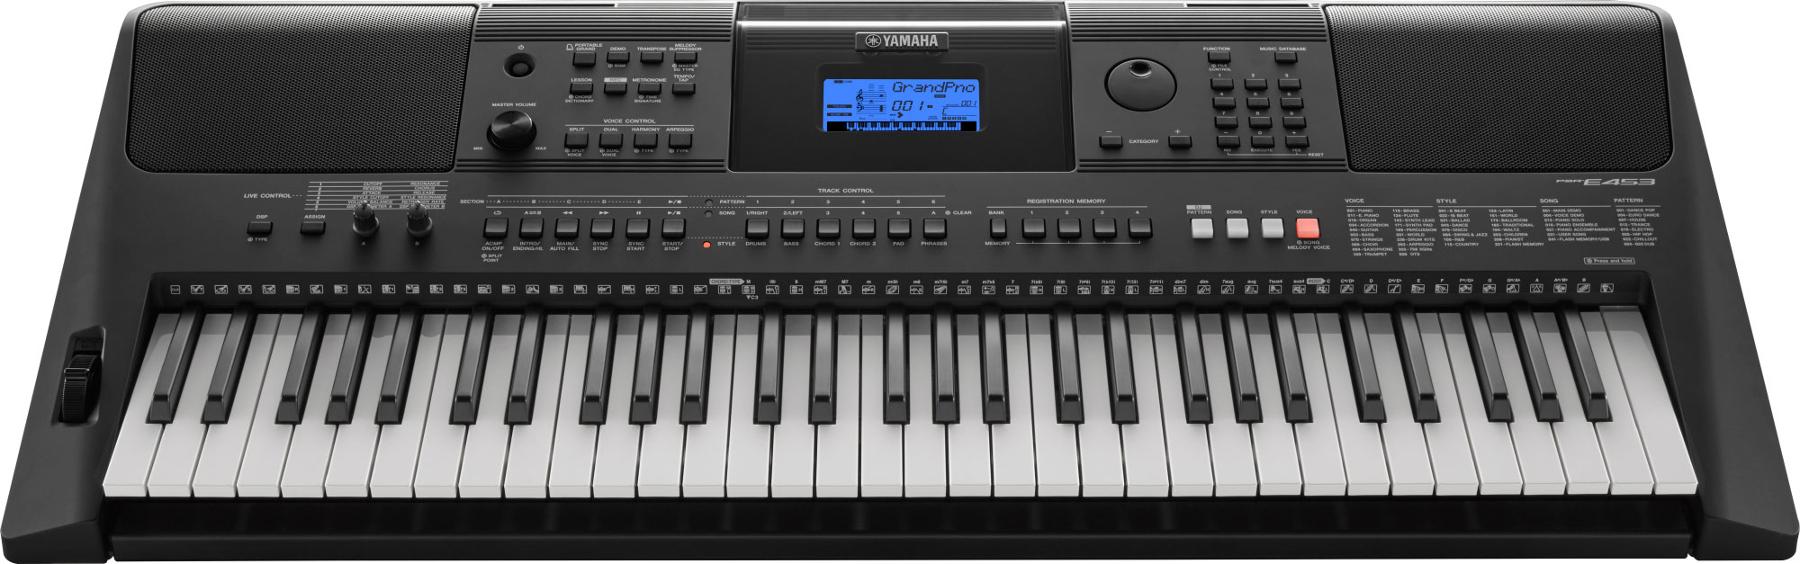 61-key High-Level Portable Keyboard